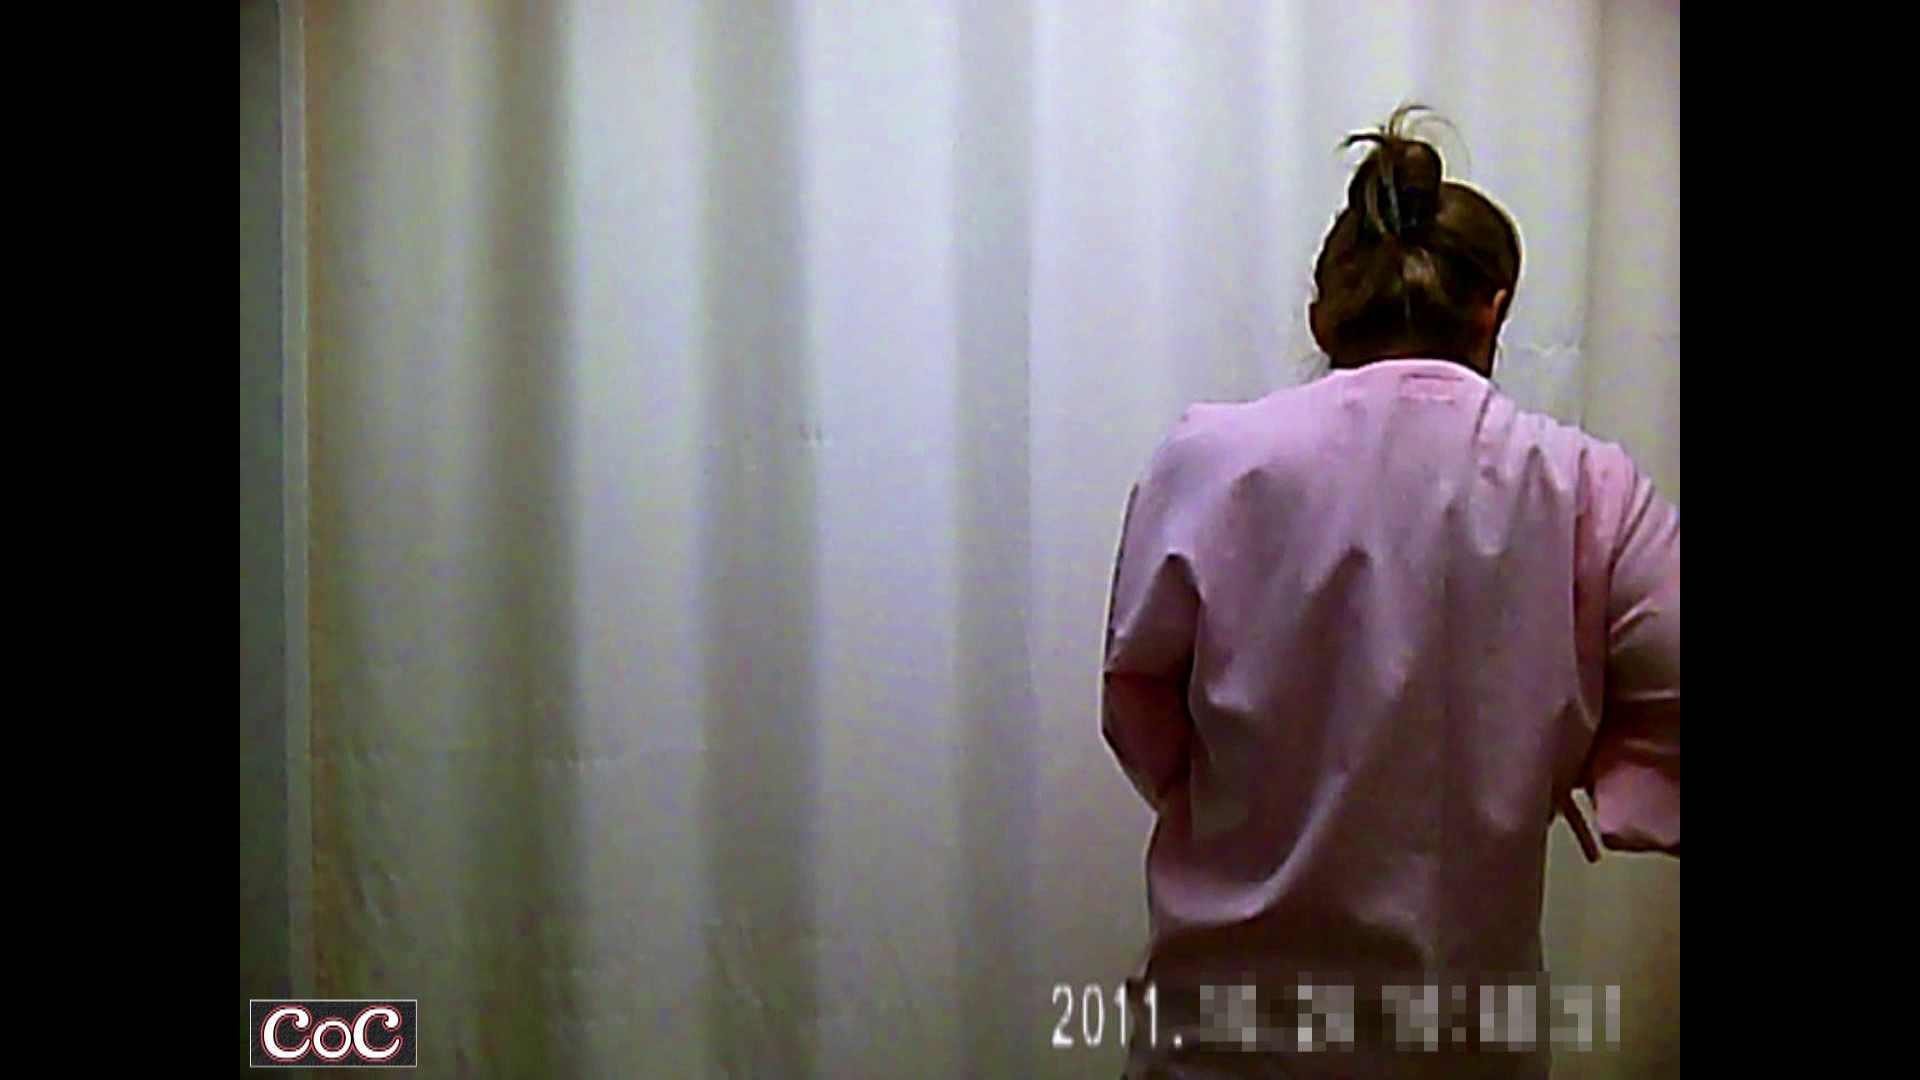 病院おもいっきり着替え! vol.69 貧乳 すけべAV動画紹介 79画像 62